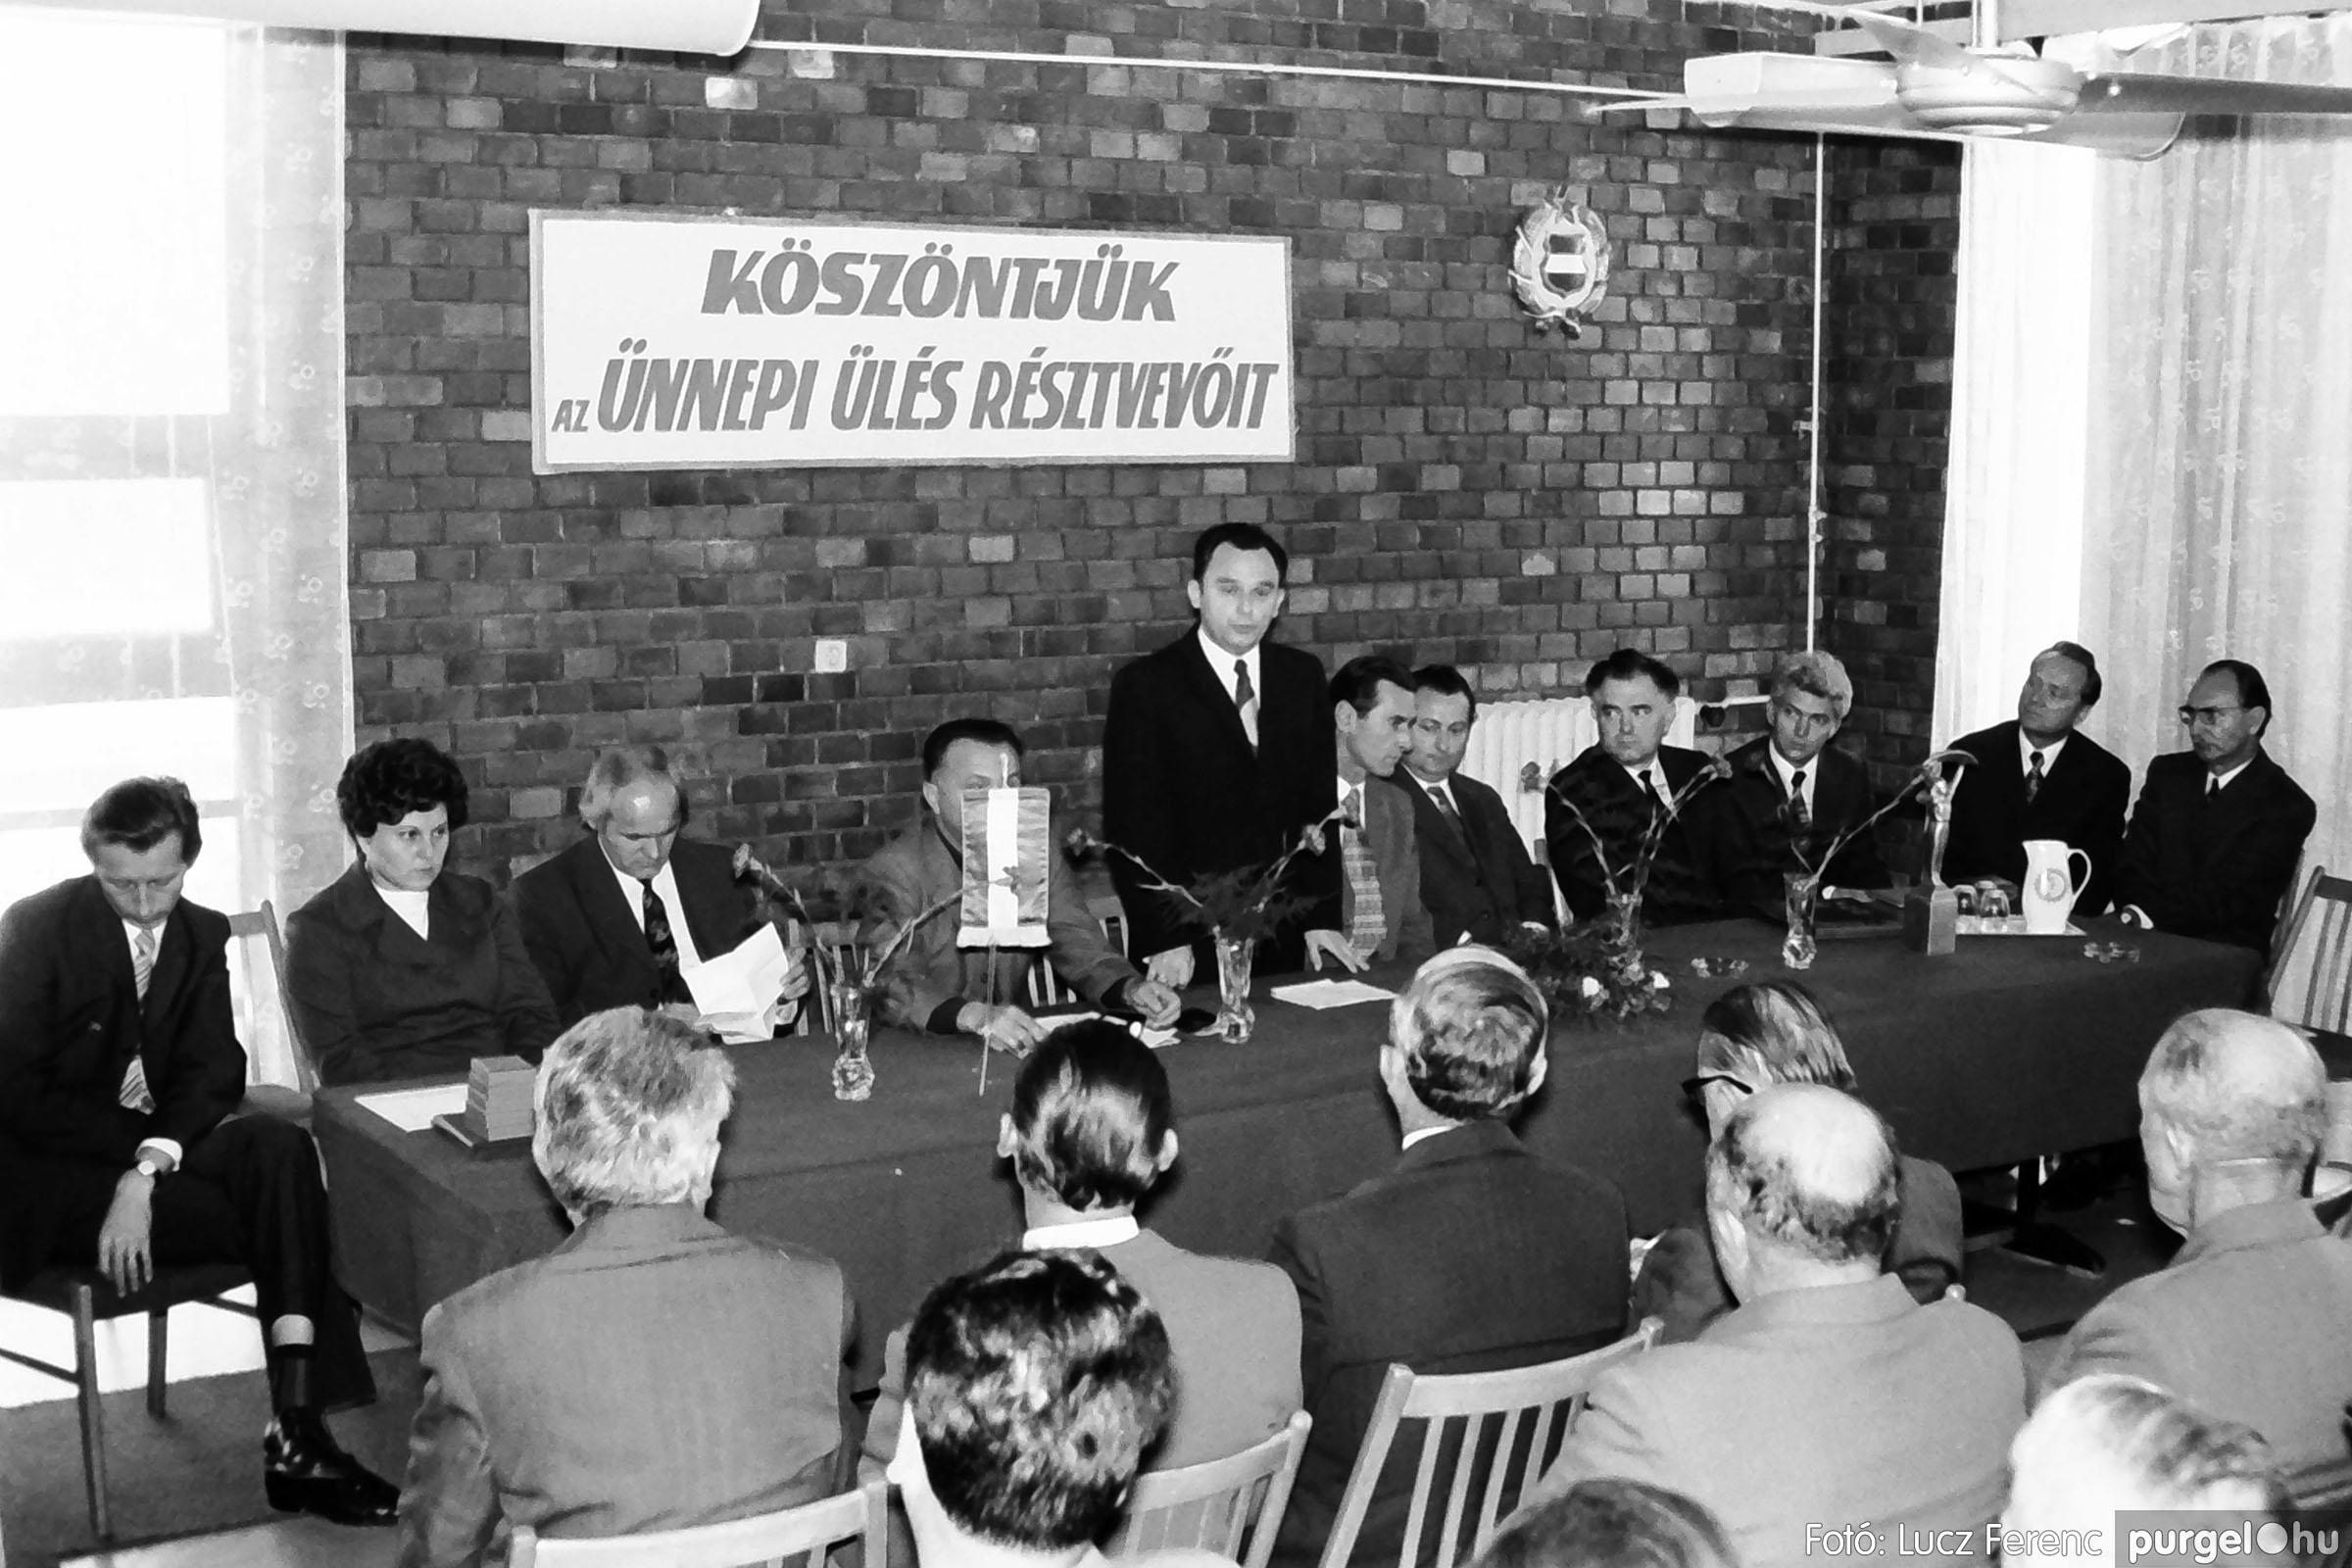 022 1975. Ünnepi ülés a tanácsházán 003 - Fotó: Lucz Ferenc .jpg